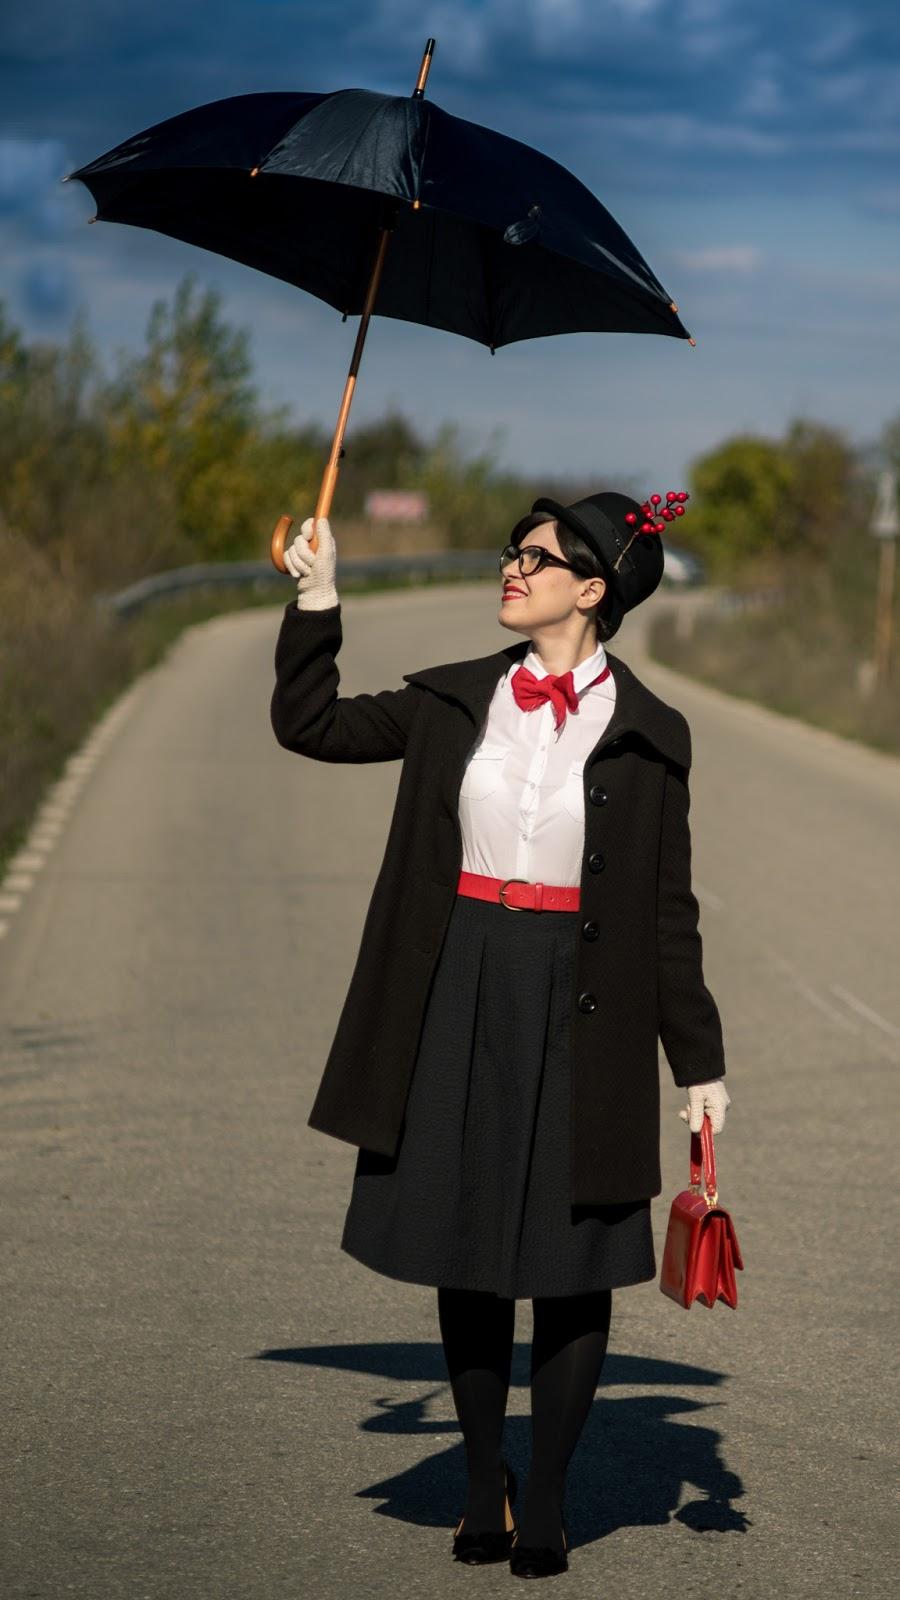 Mary Poppins Umbrella Diy